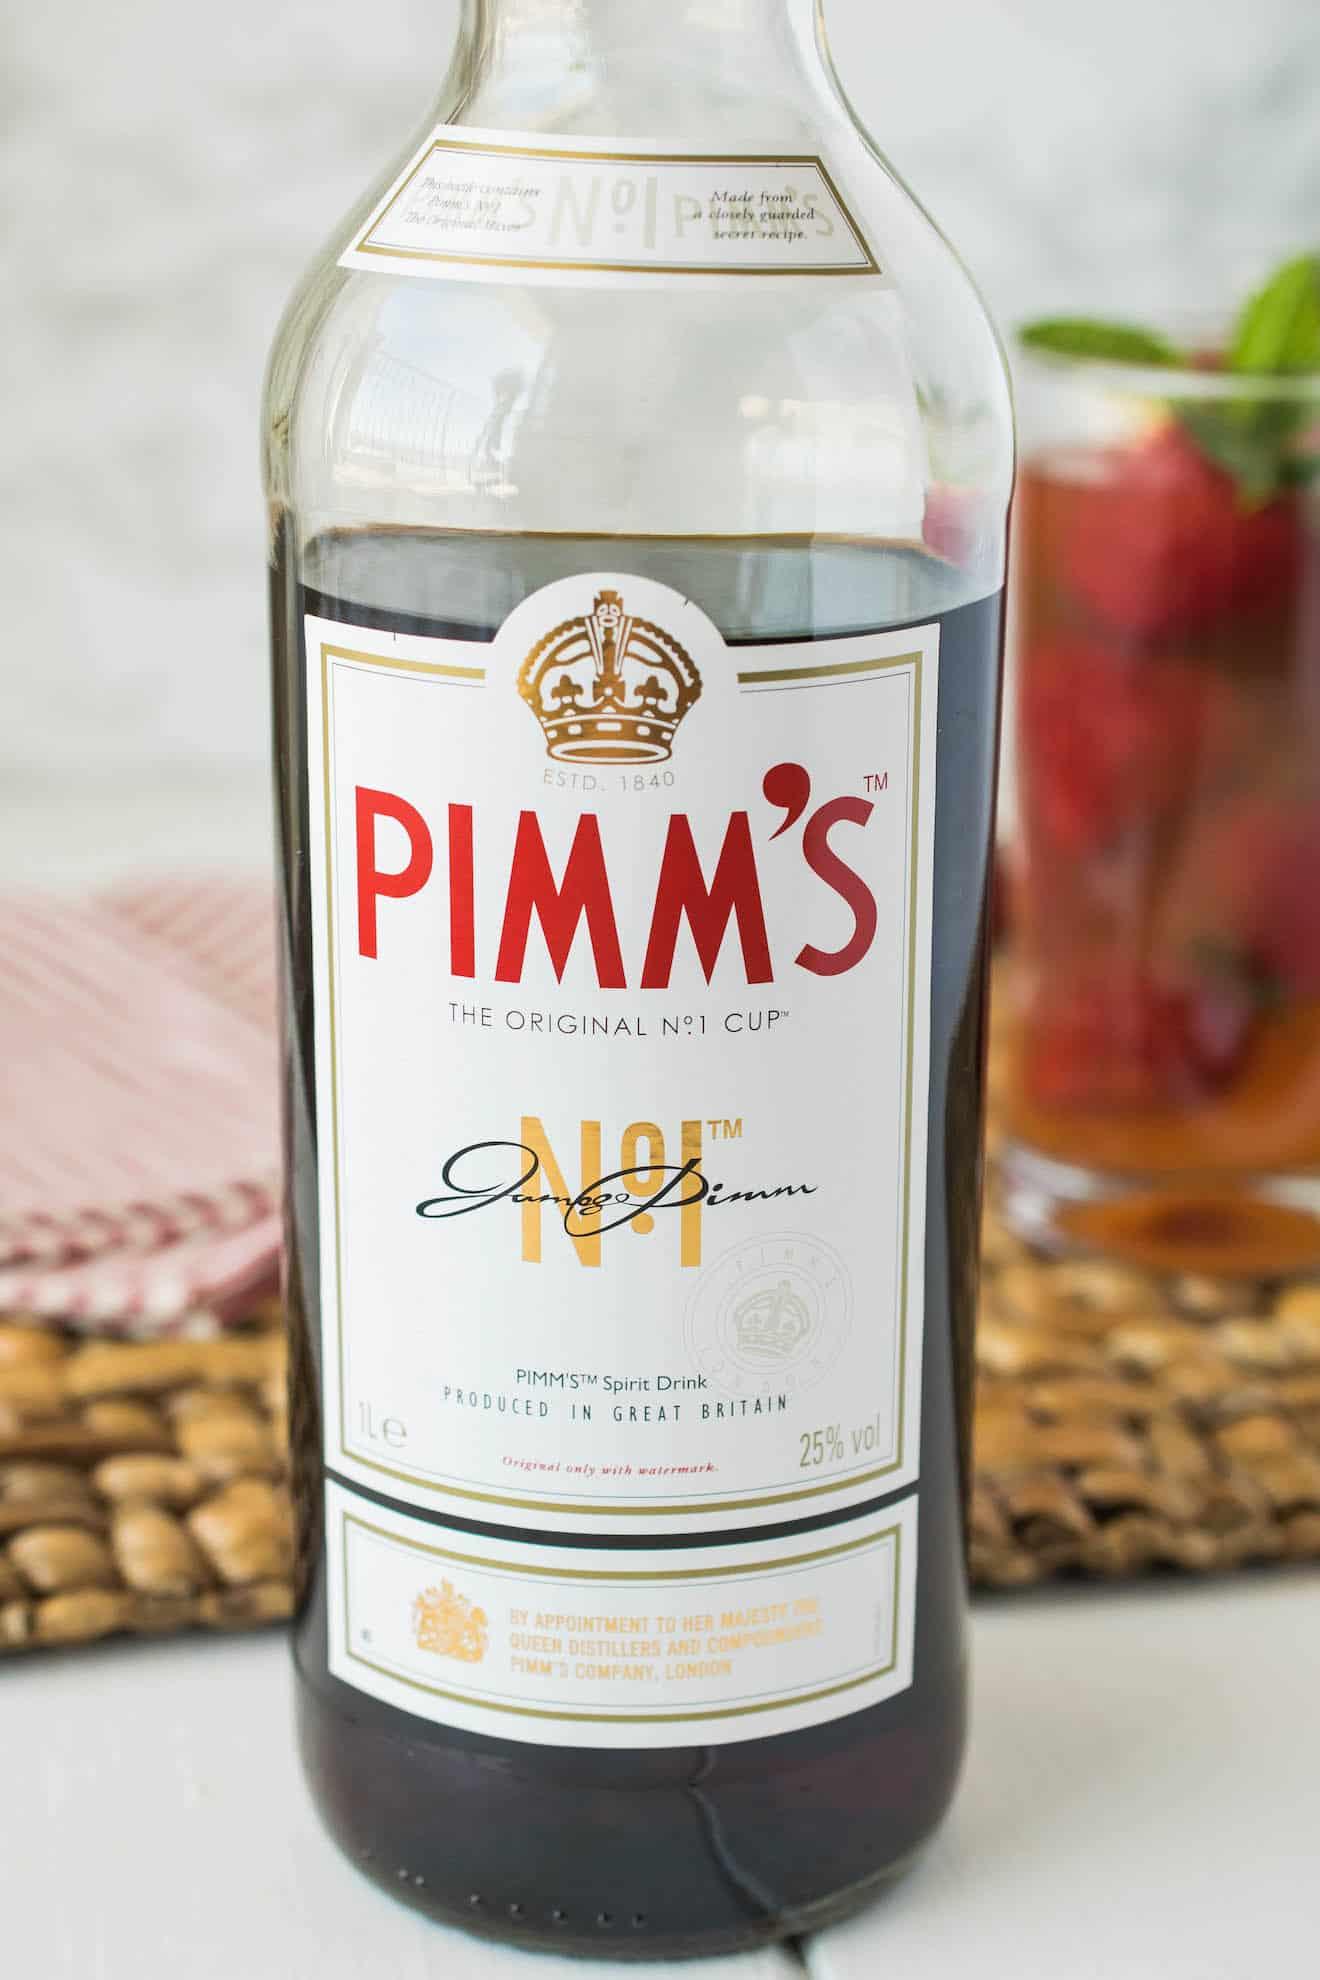 A bottle of Pimm's no. 1 cup liqueur